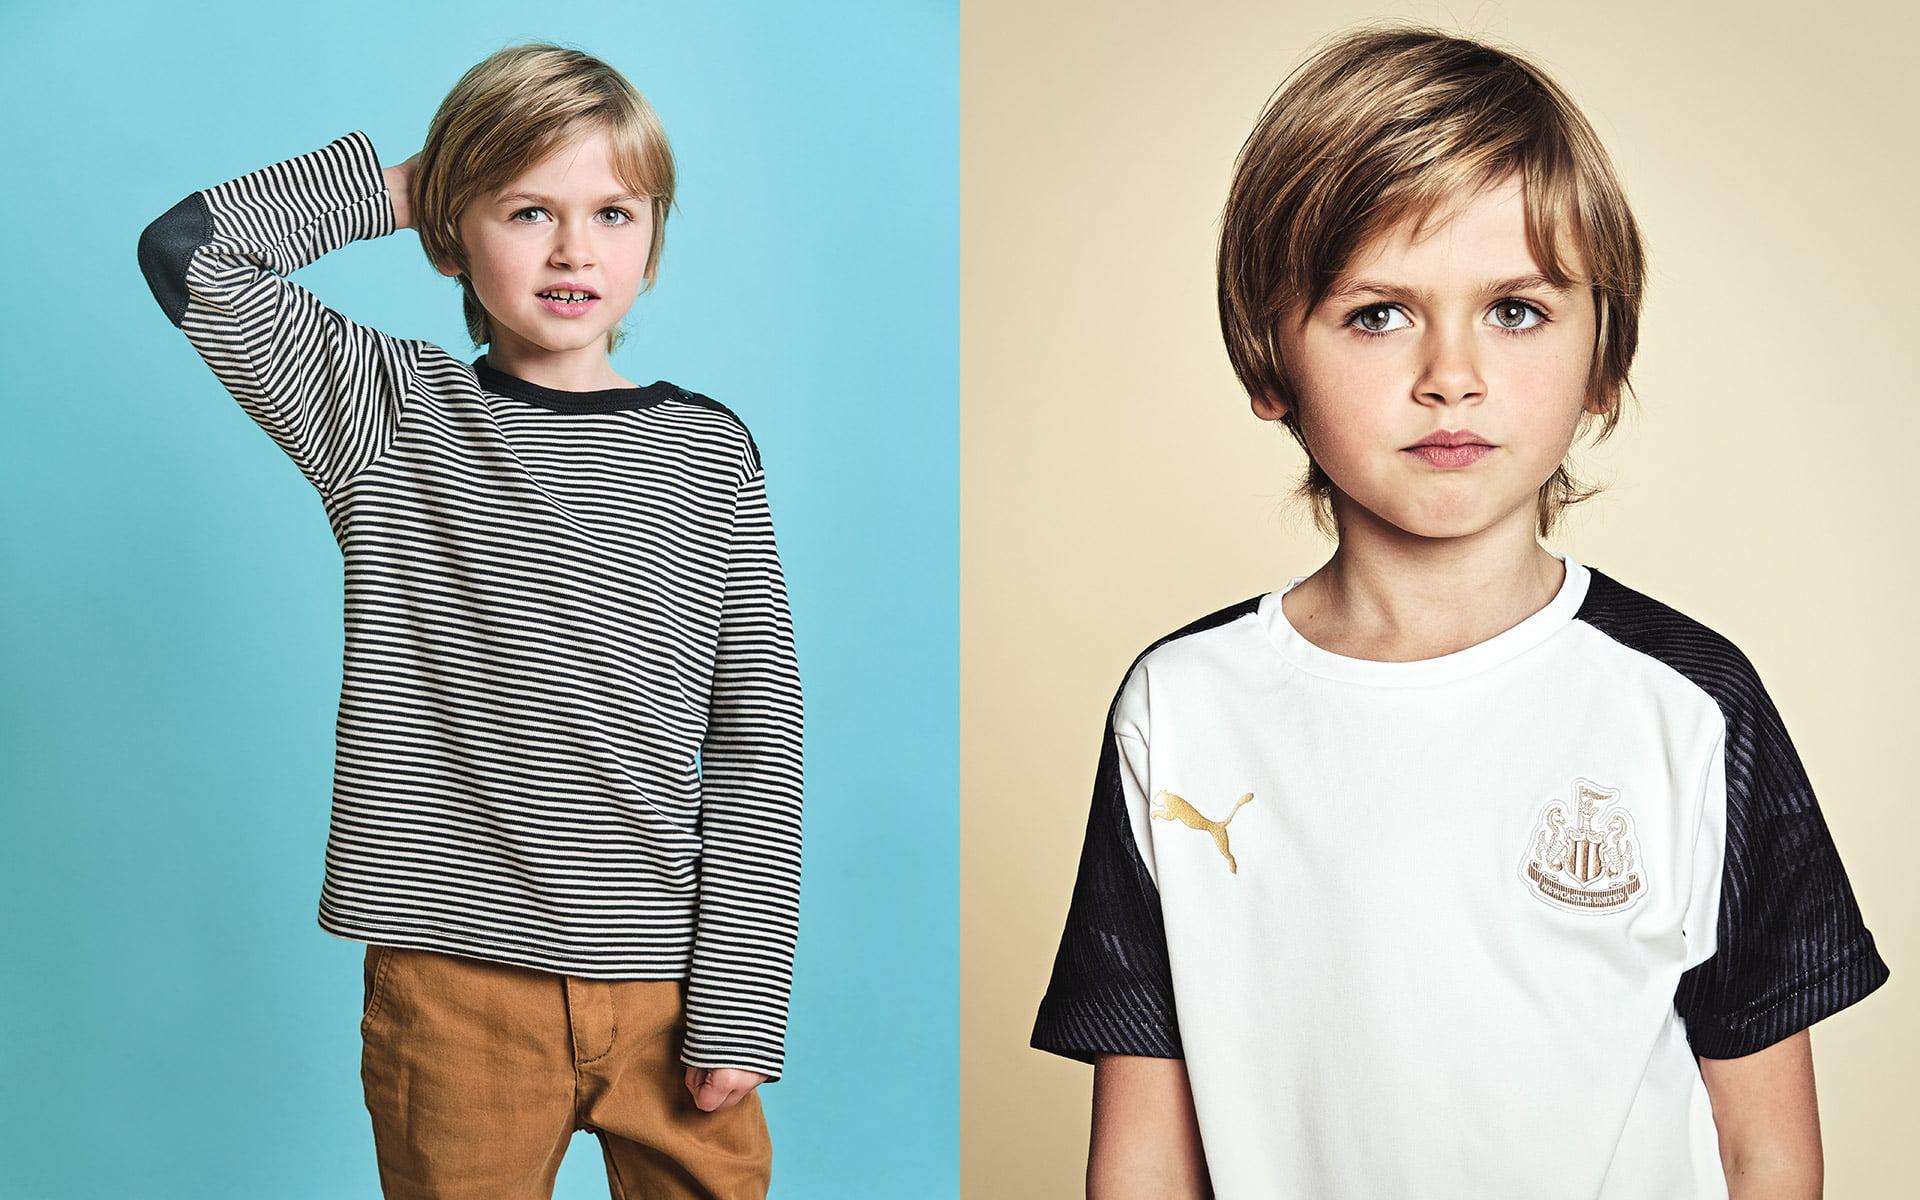 ellis_child_model_brighton